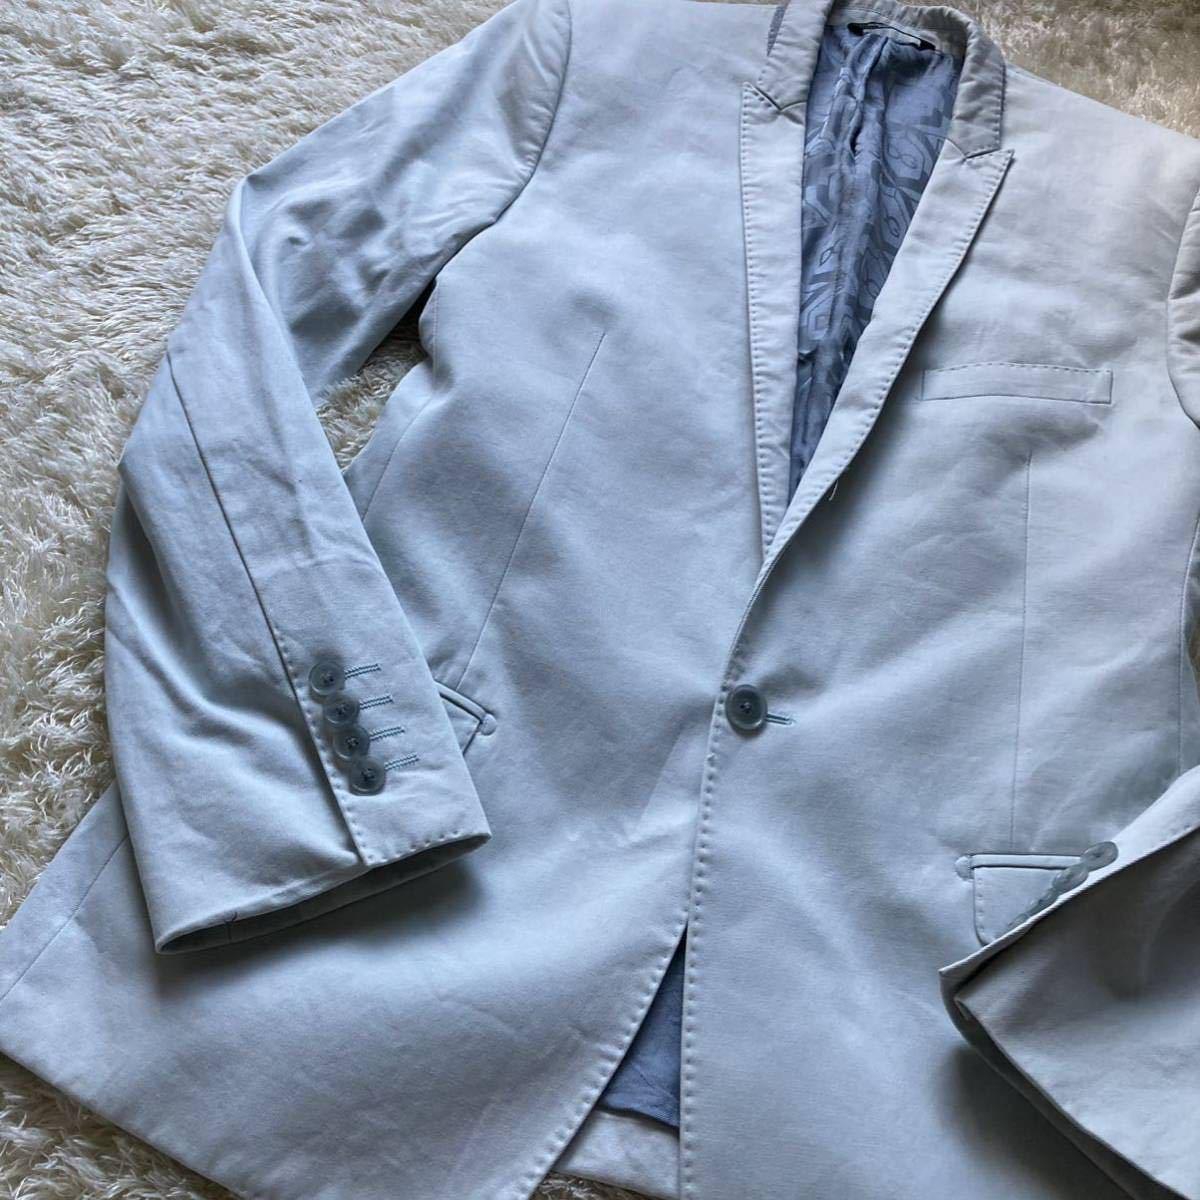 ドルチェ&ガッバーナ 「最高級の風格」DOLCE&GABBANA セットアップ 黒タグ ファッション スーツ 46 Mくらい ターコイズブルー 水色系_画像7